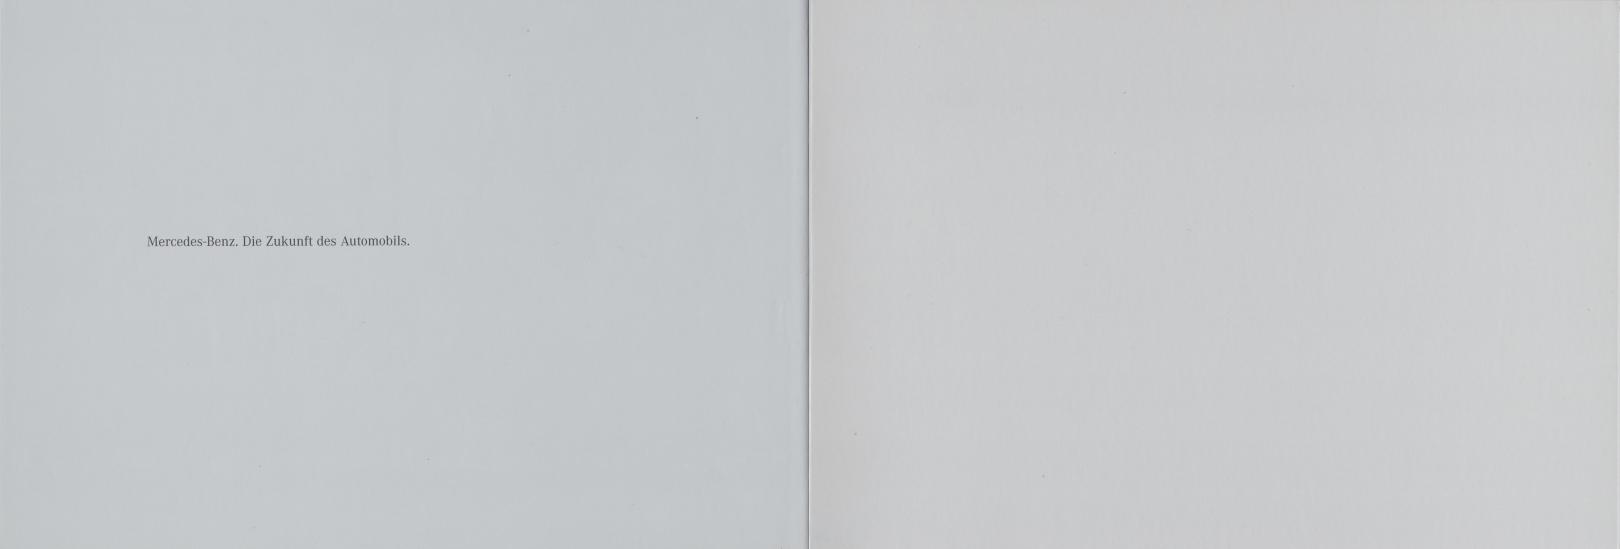 (W163): Catálogo 2000 - alemão 029